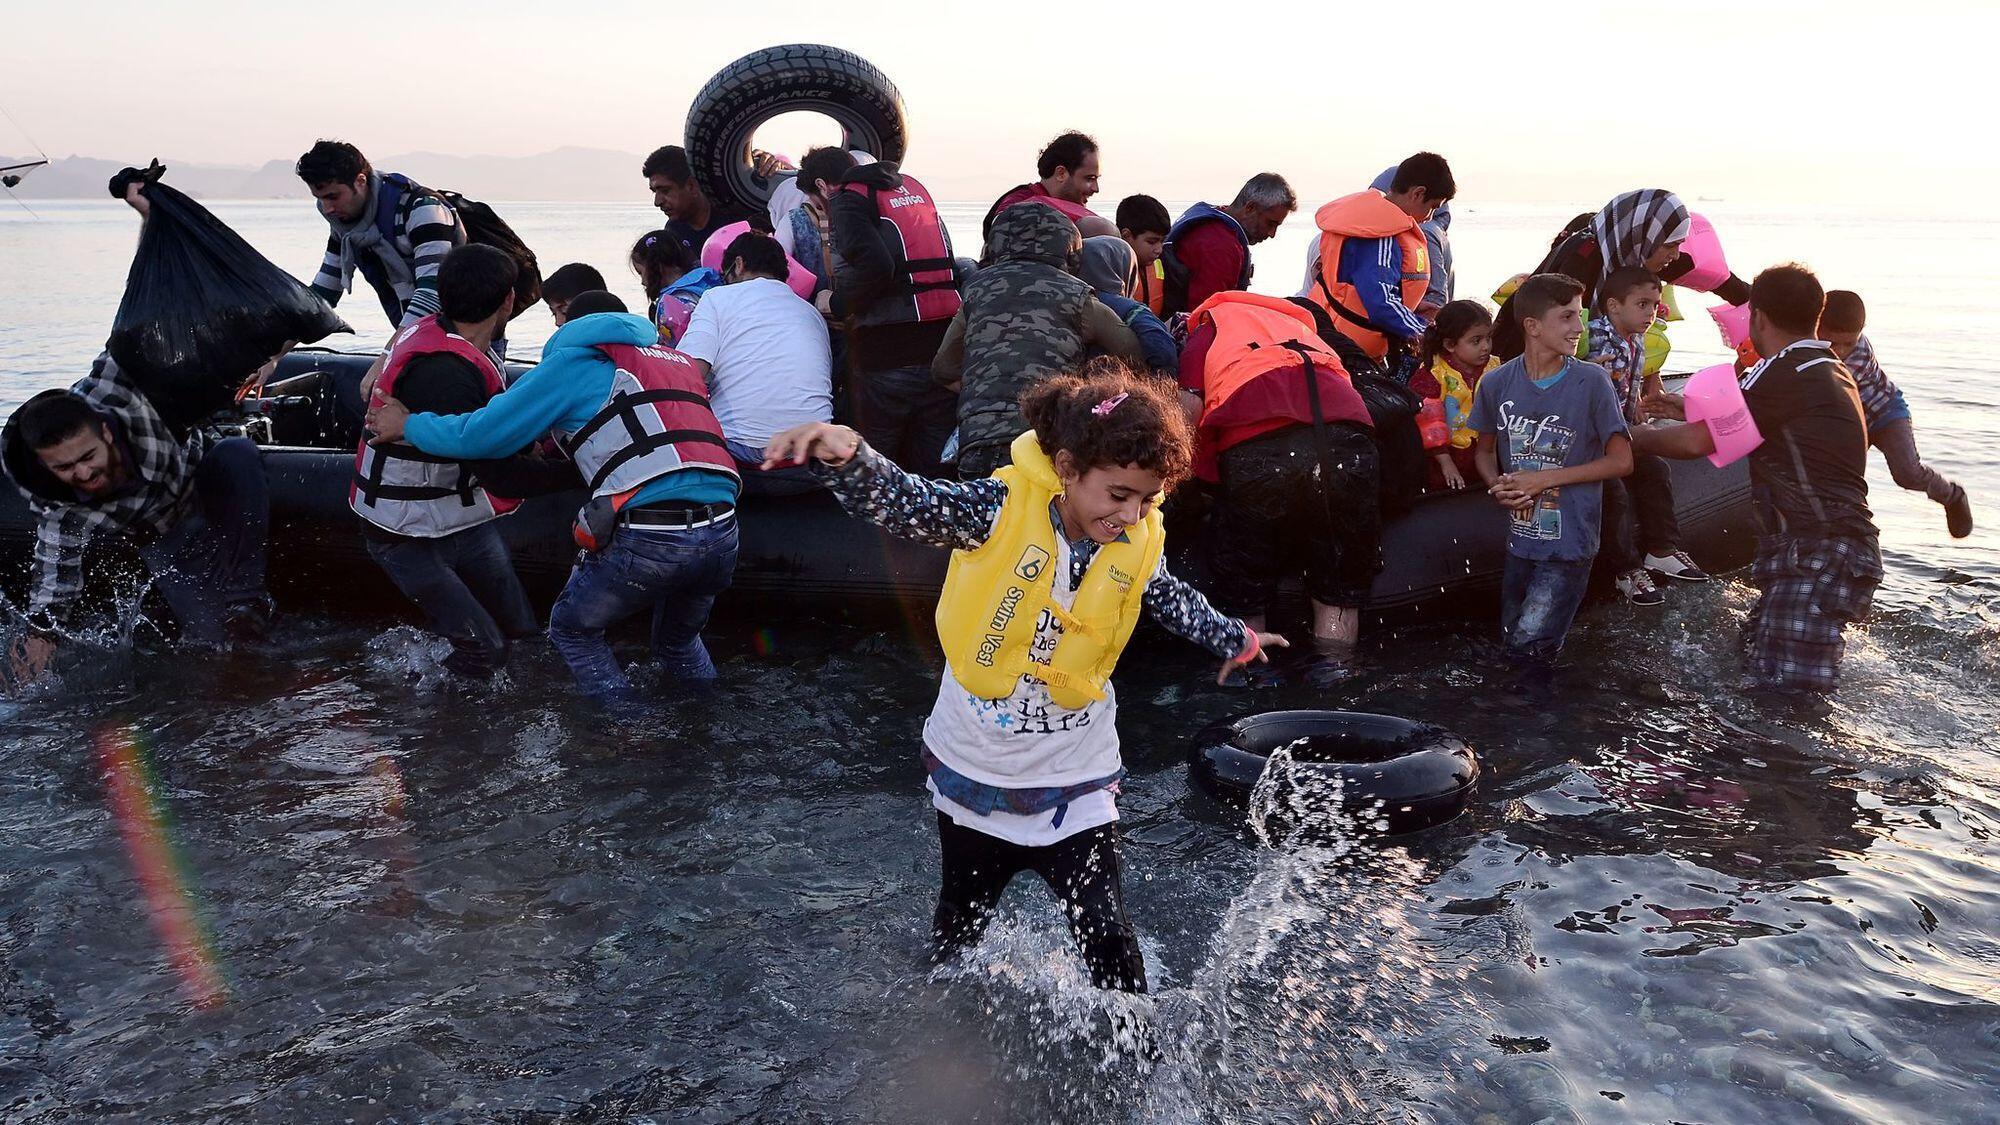 لاجئون في البرح الأبيض المتوسط